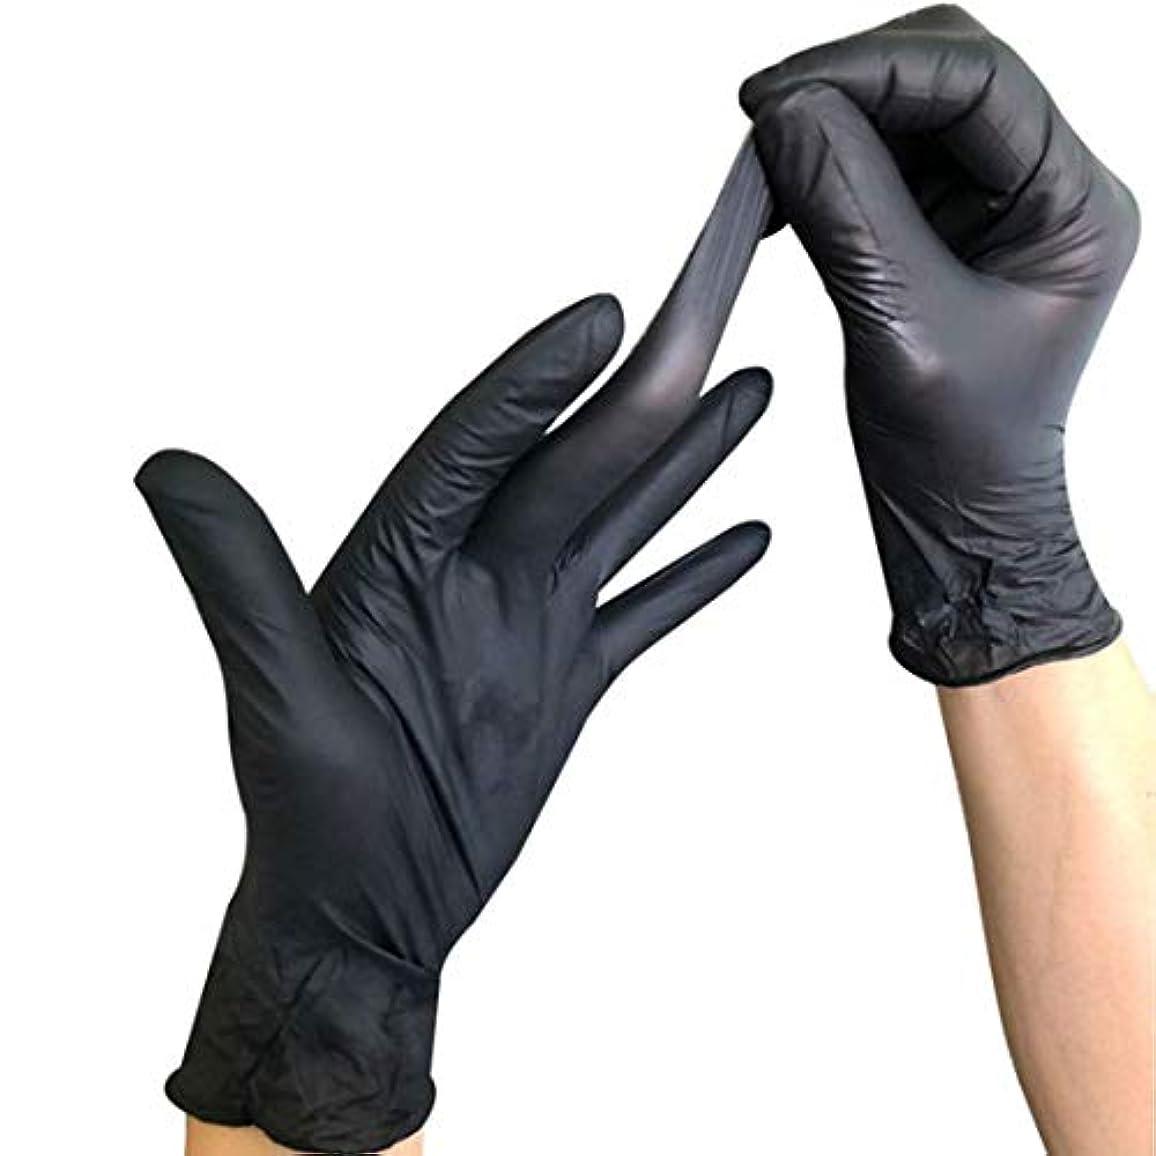 祈り泣き叫ぶ夜使い捨て手袋 ニトリル手袋 厚手防水 耐油 耐久性が強い上に軽く高品質黒 100枚